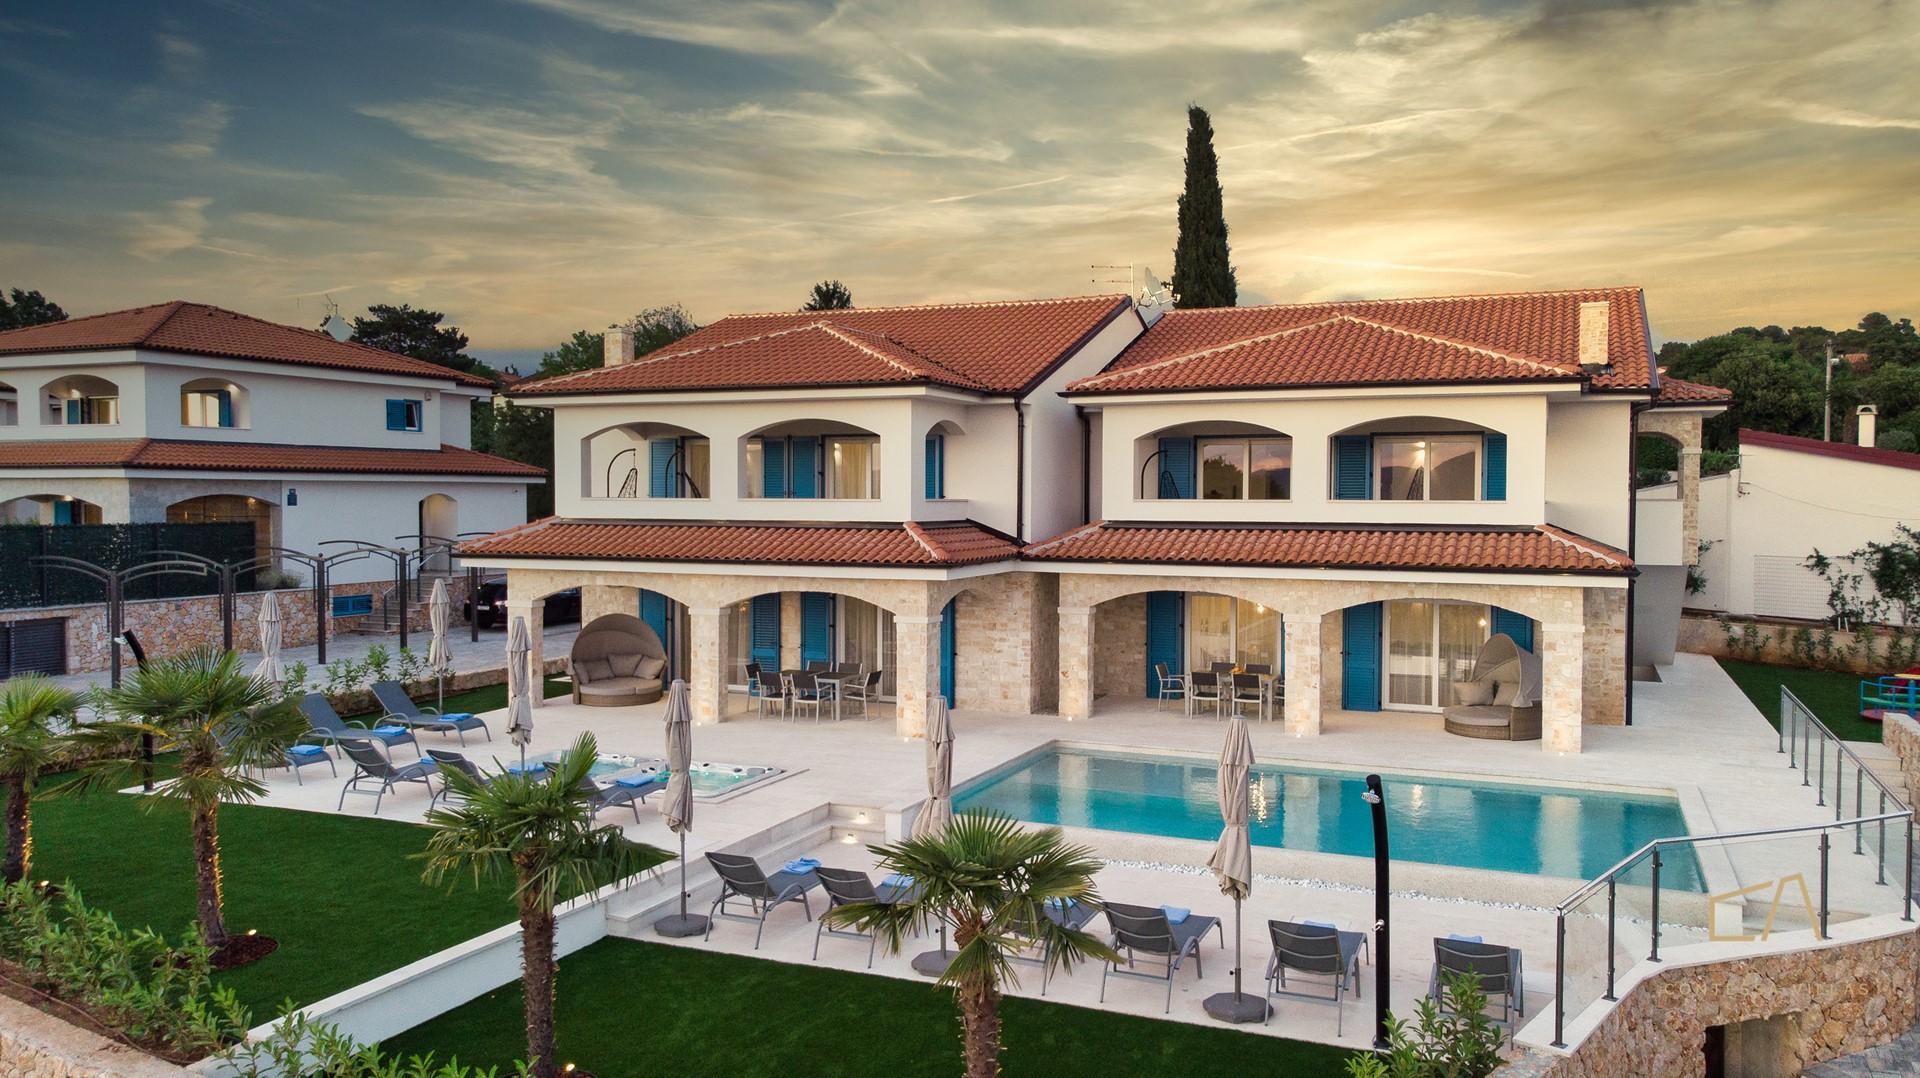 Ferienwohnung Luxury Apartments Loma  / Luxury Apartment Loma Three (2807070), Sveti Vid-Miholjice, Insel Krk, Kvarner, Kroatien, Bild 57